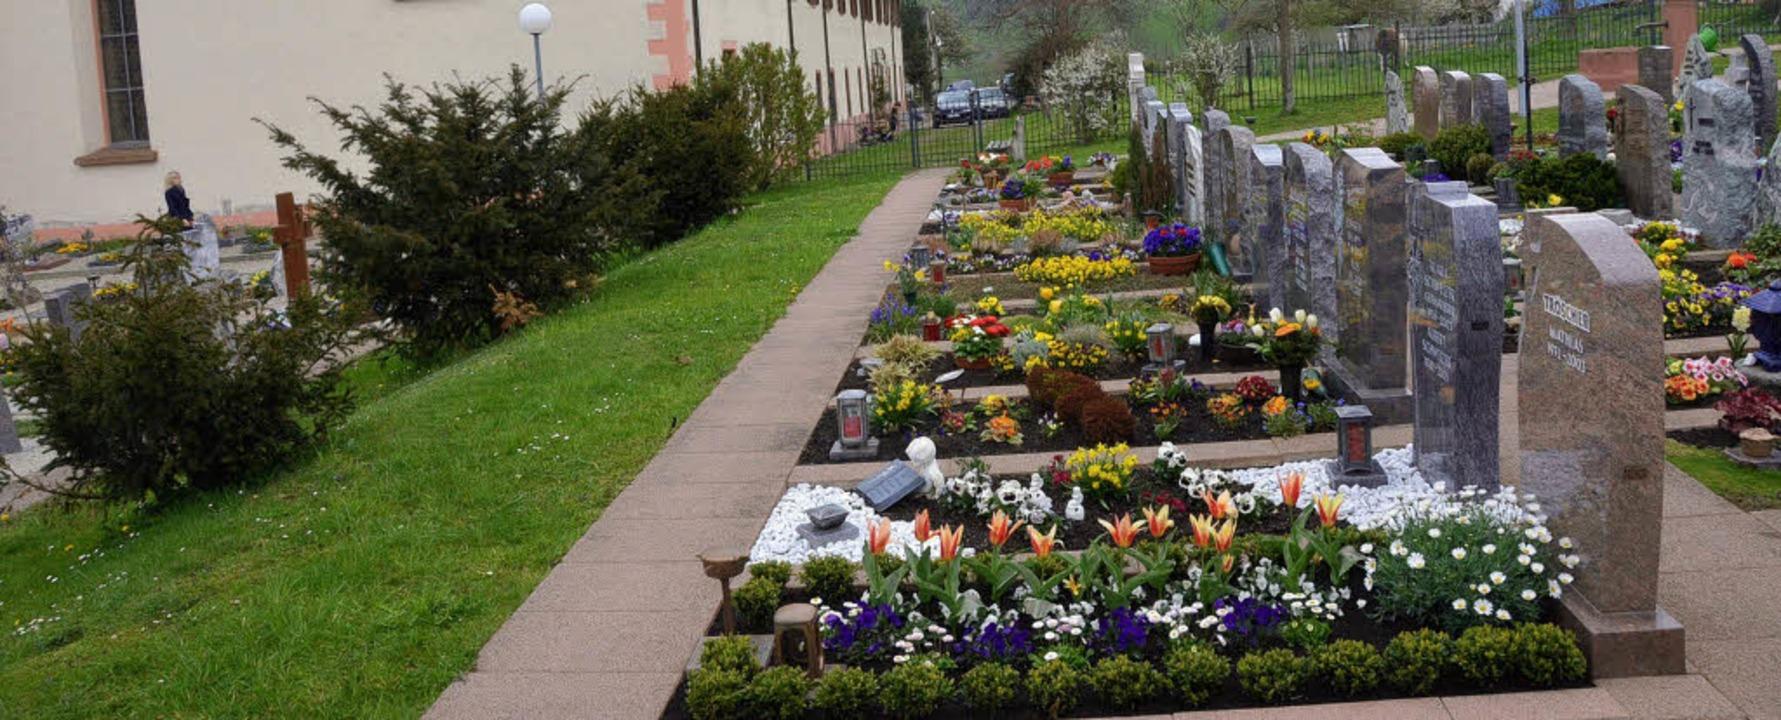 Der Friedhof in Oberried wird mit der ... ein neues Erscheinungsbild erhalten.     Foto: Markus Donner